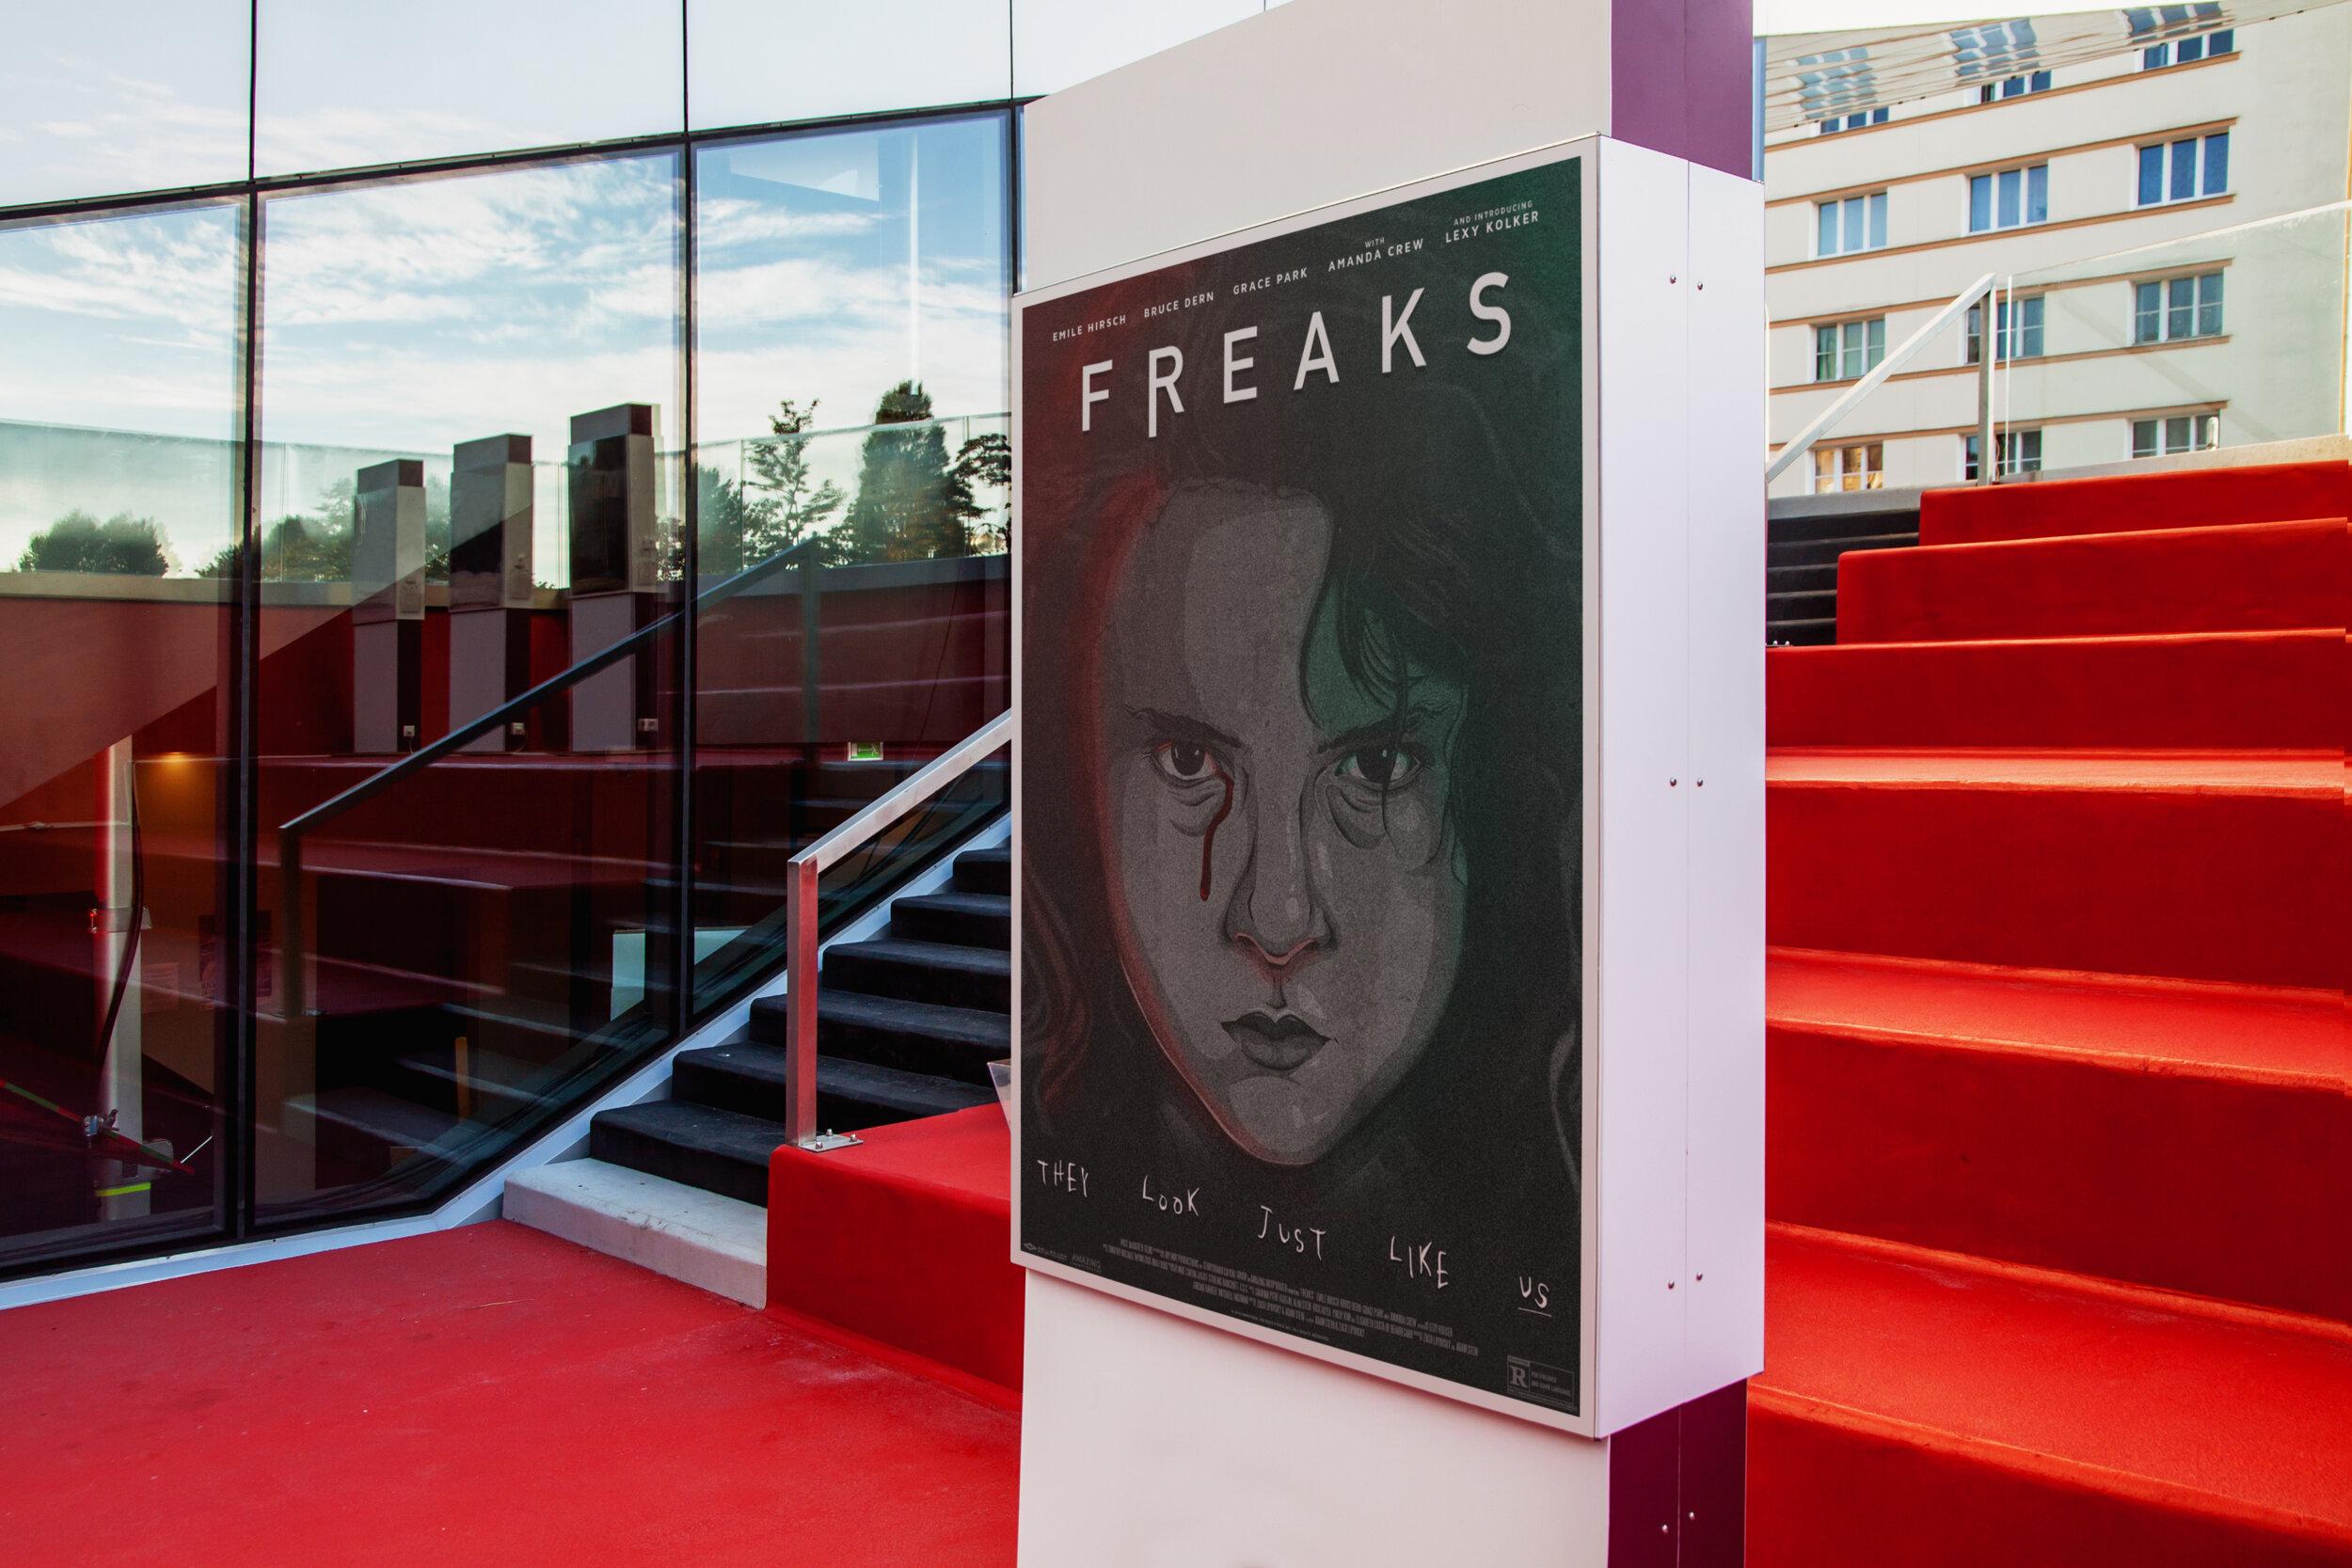 Film-Festival-Poster-Mockup-2-7.jpg